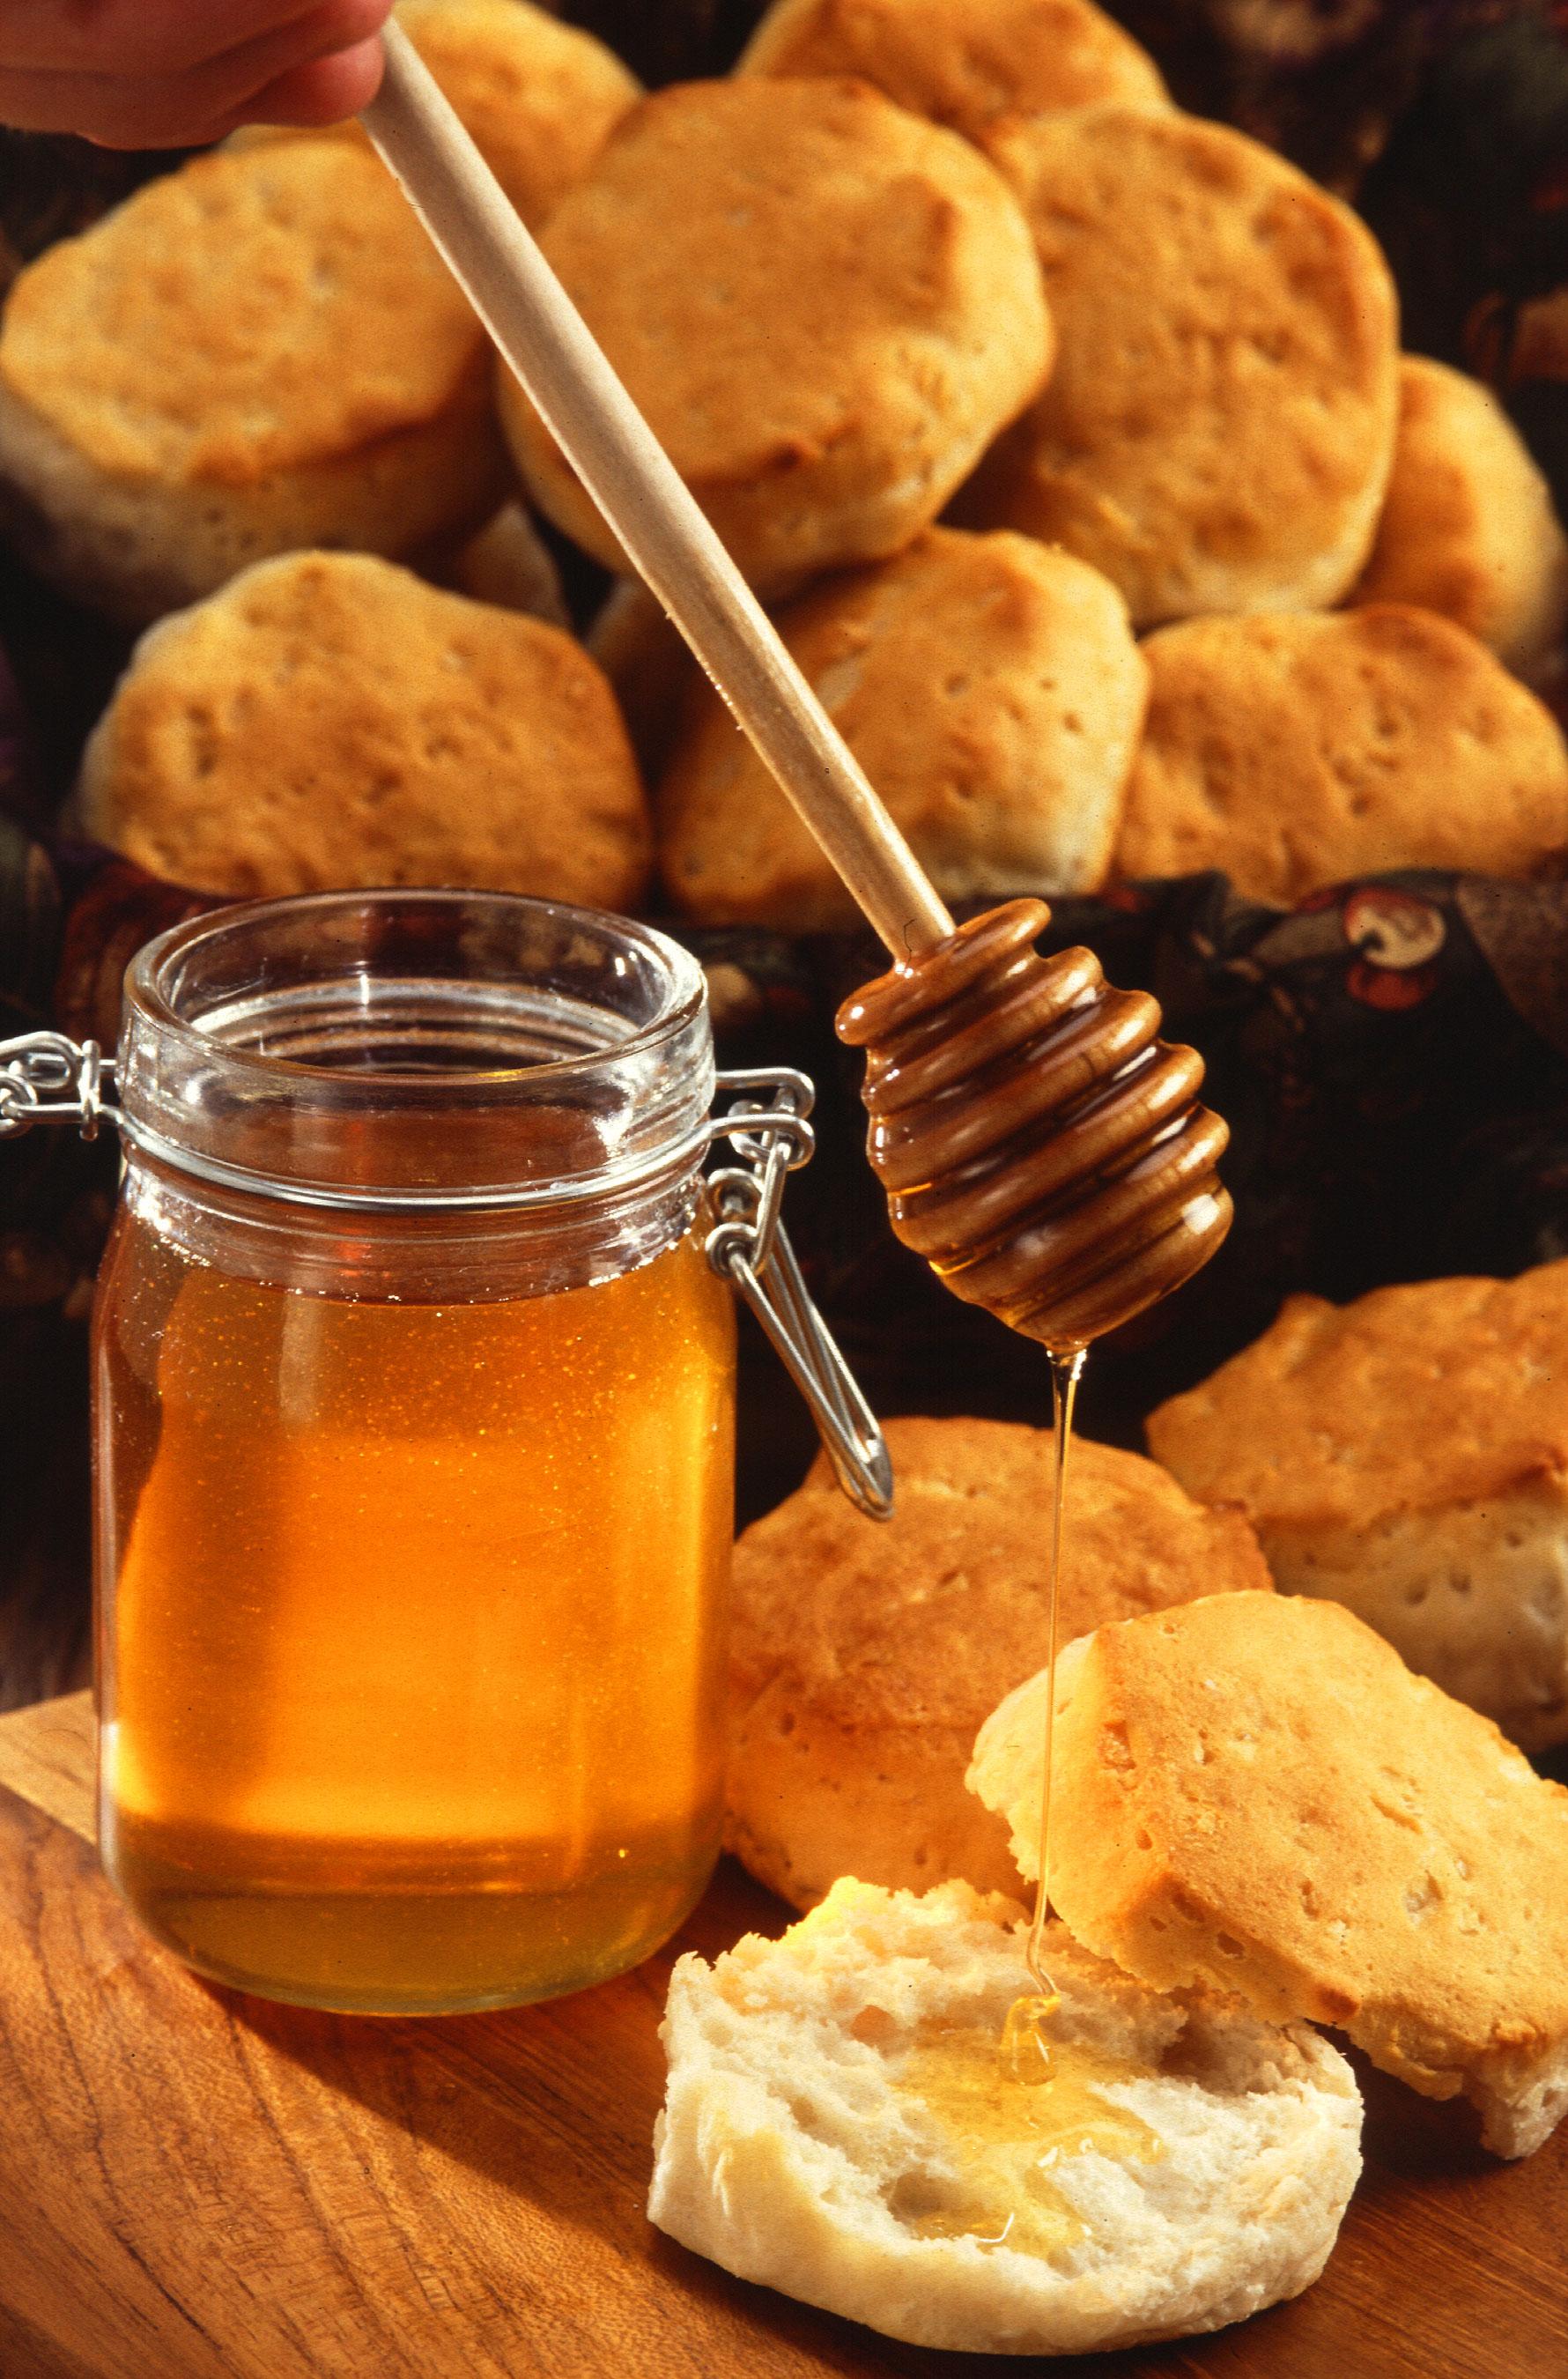 мед, банка меда, мед с булочками, мед с хлебом, скачать фото